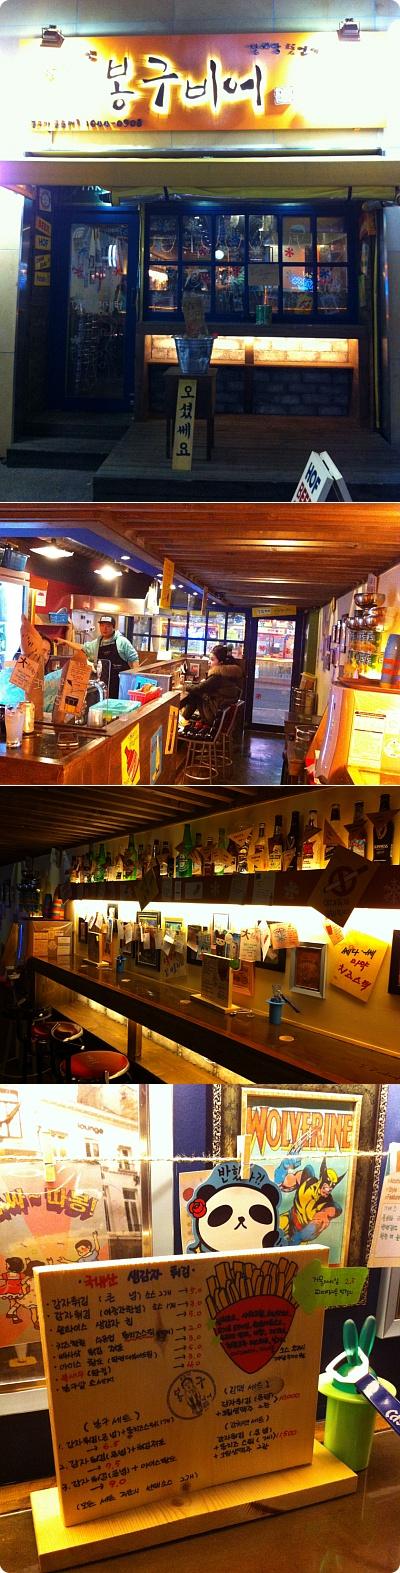 韓国で大人気!クリームビール&ポテト「ボングビアー」